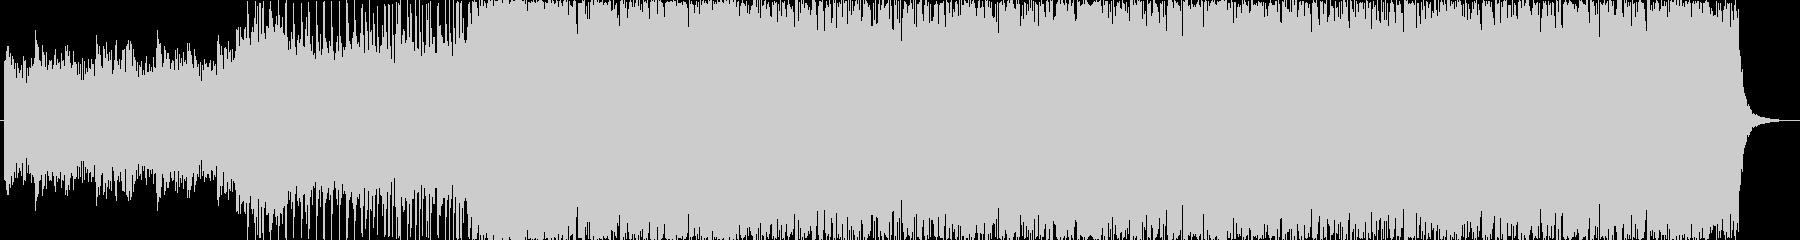 ピアノが印象的なオープニングBGMの未再生の波形